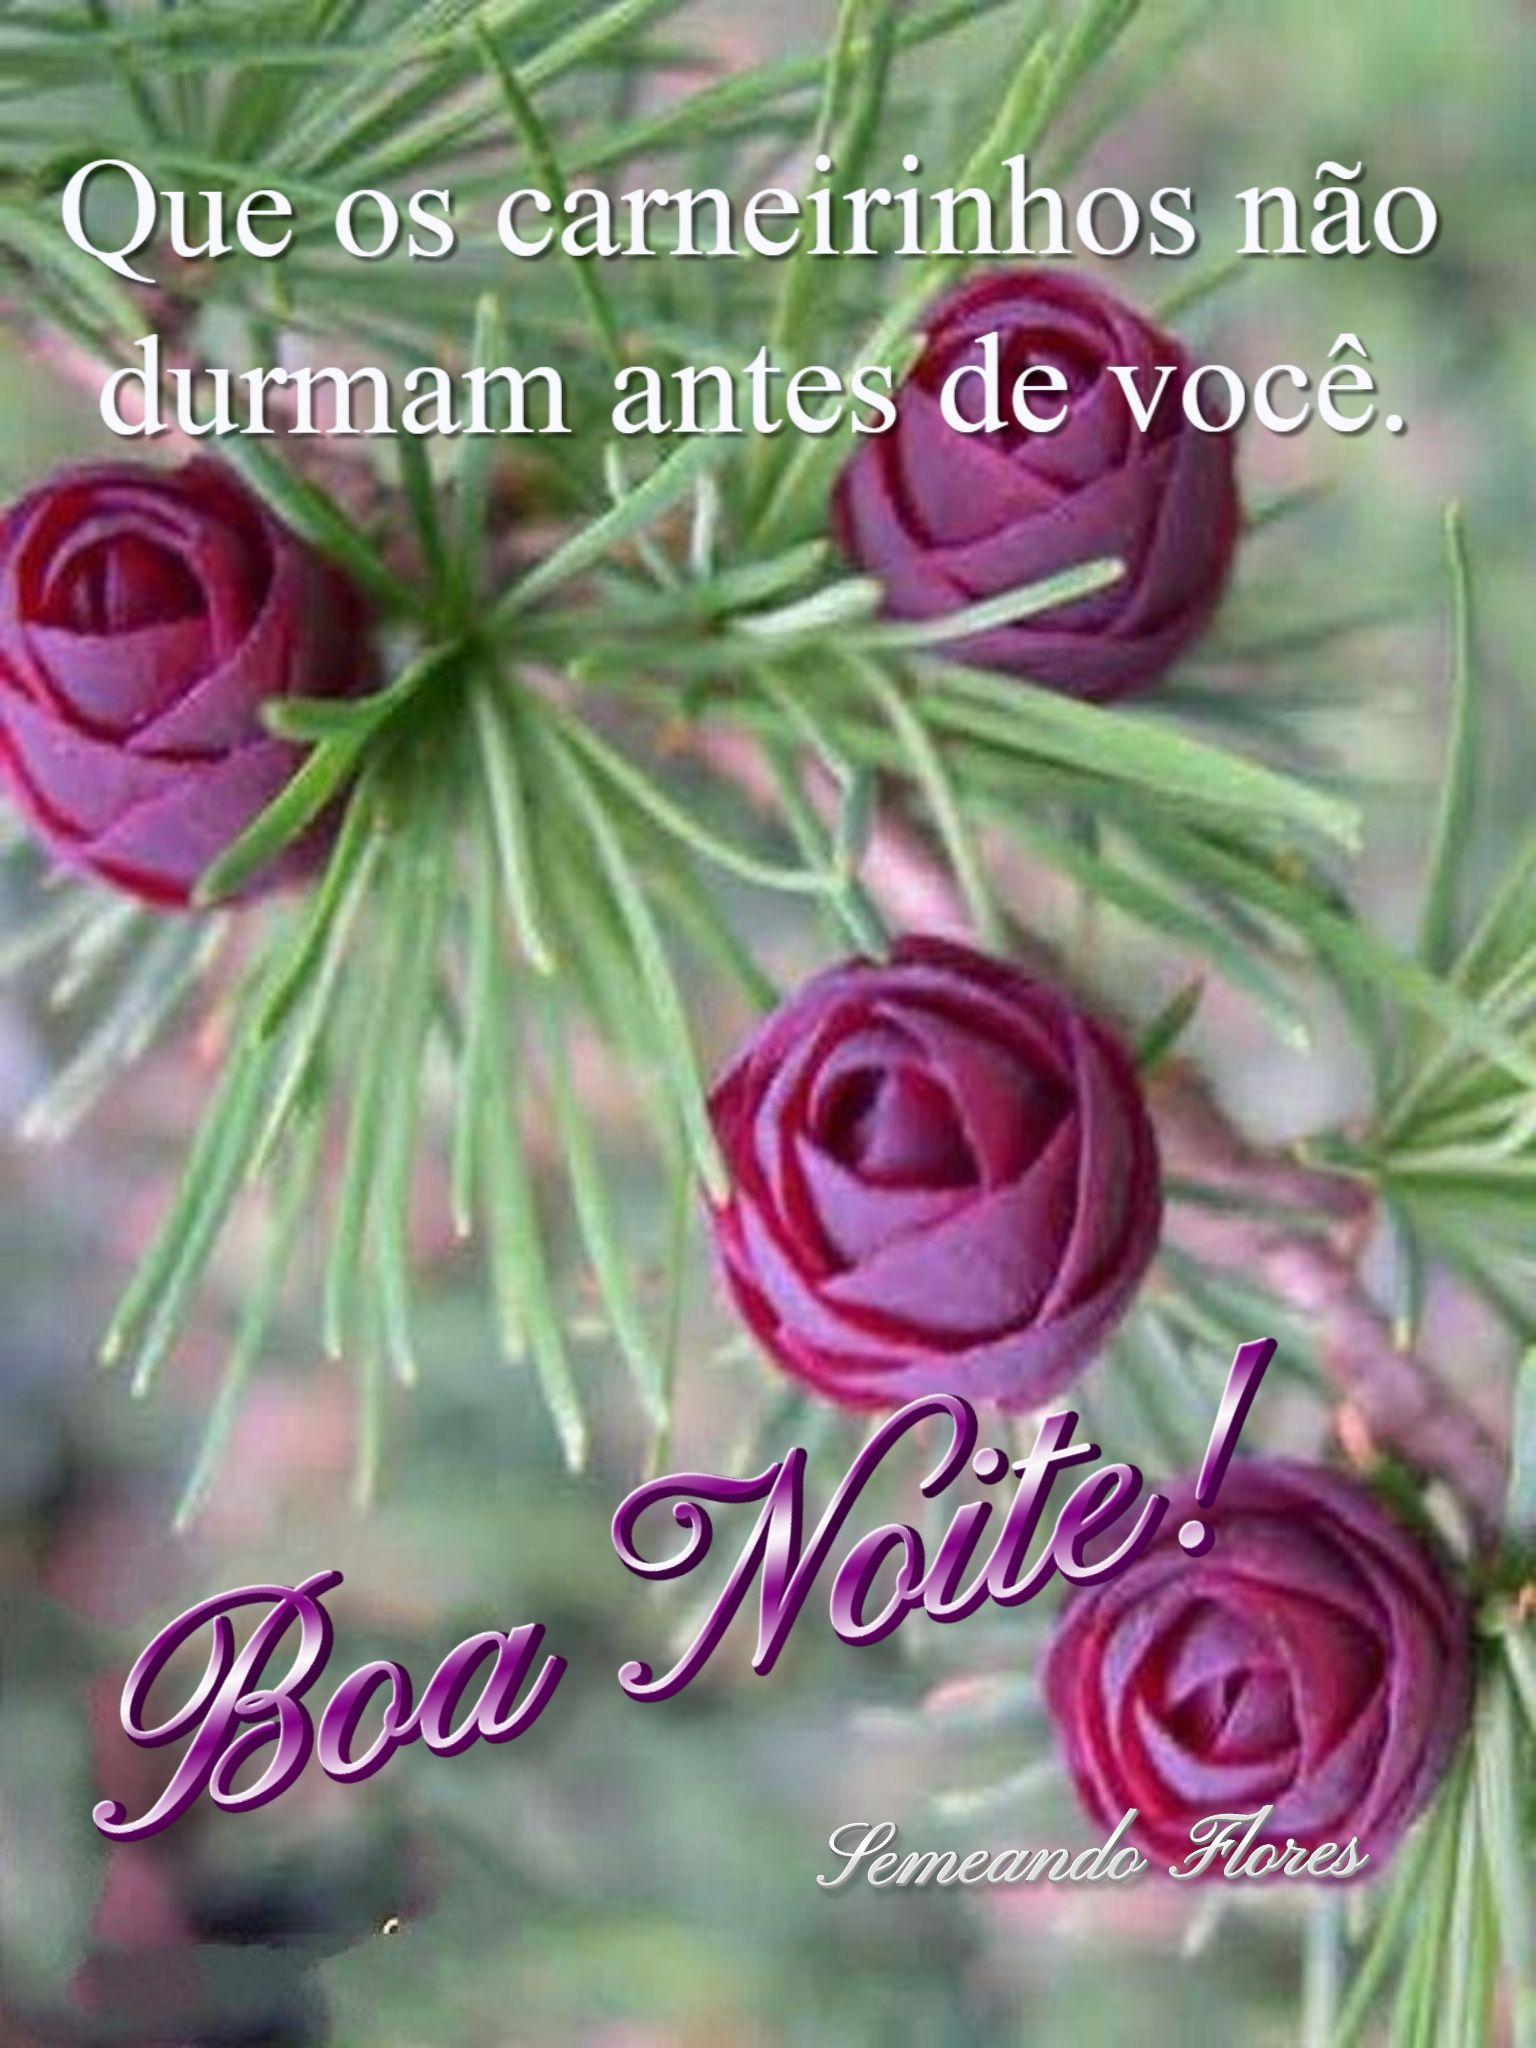 Pin De Cidinha Nobrega Em Semeando Flores Com Imagens Mensagem